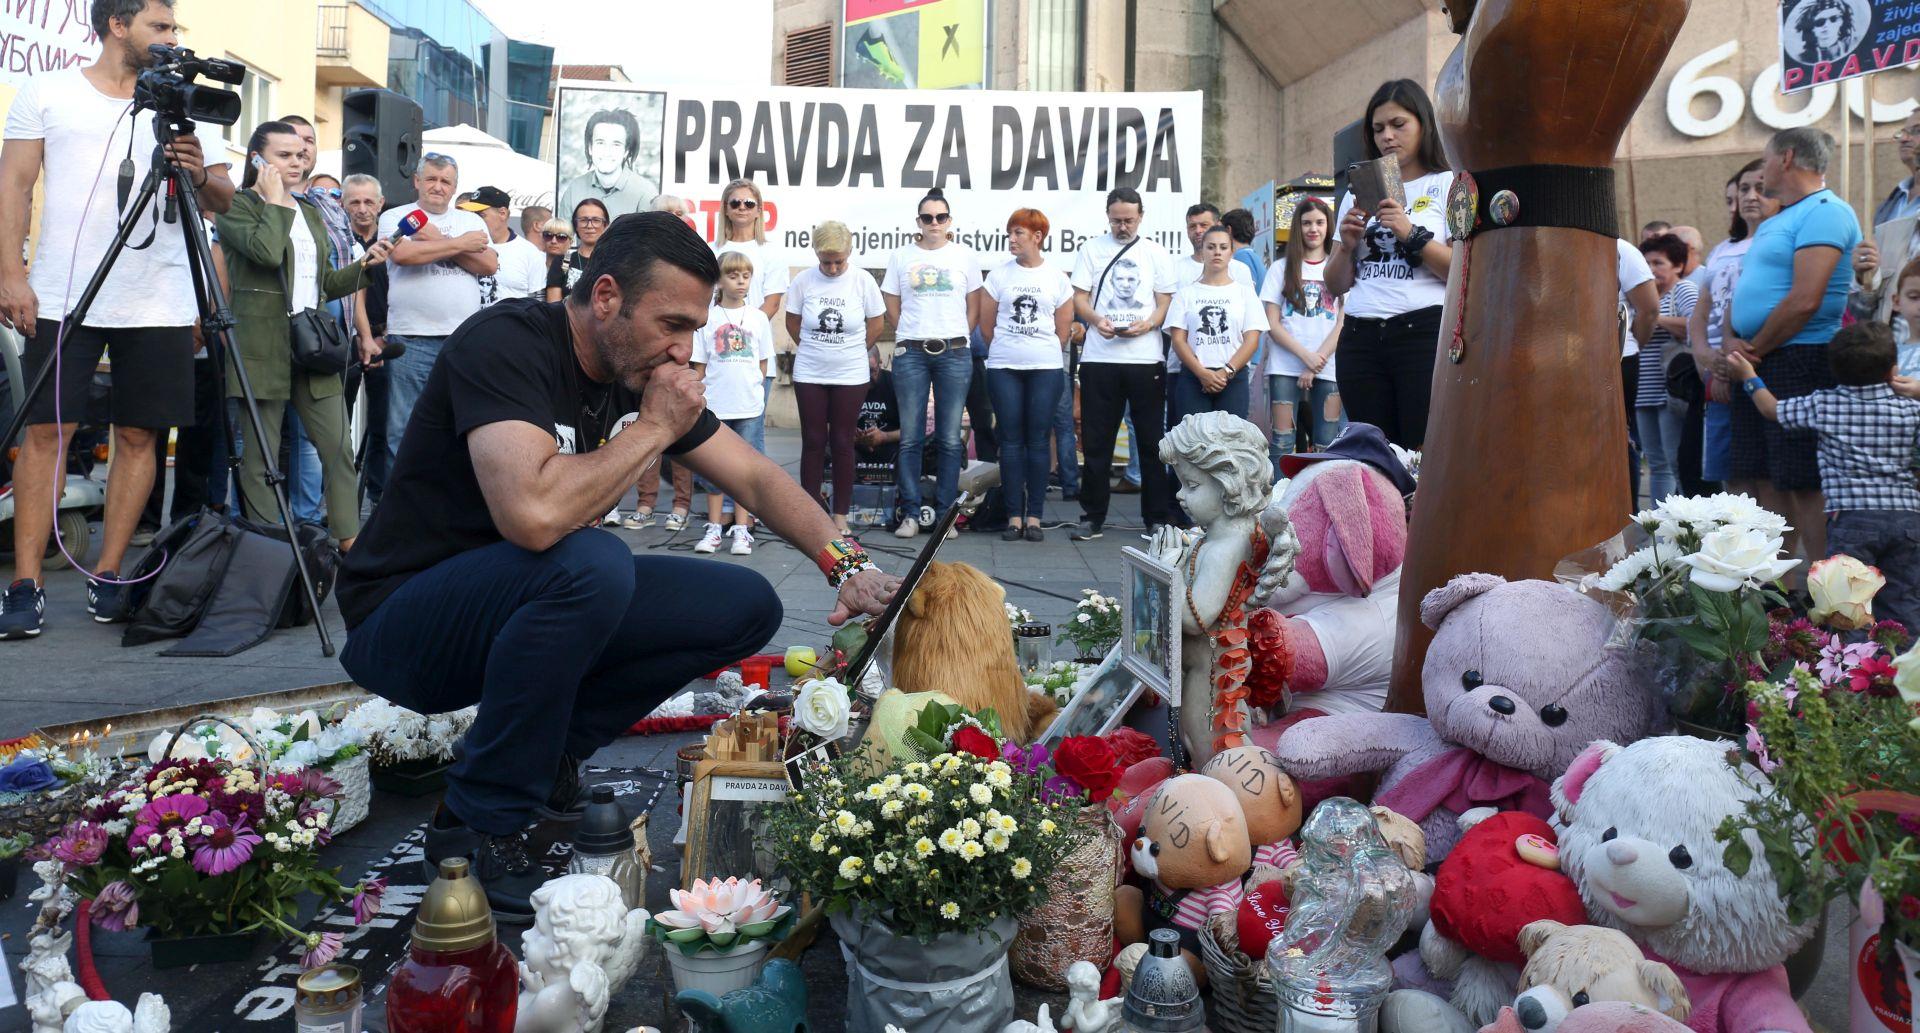 """Pokret """"Pravda za Davida"""" proglasio izbornim pobjednicima Dodikove protivnike"""